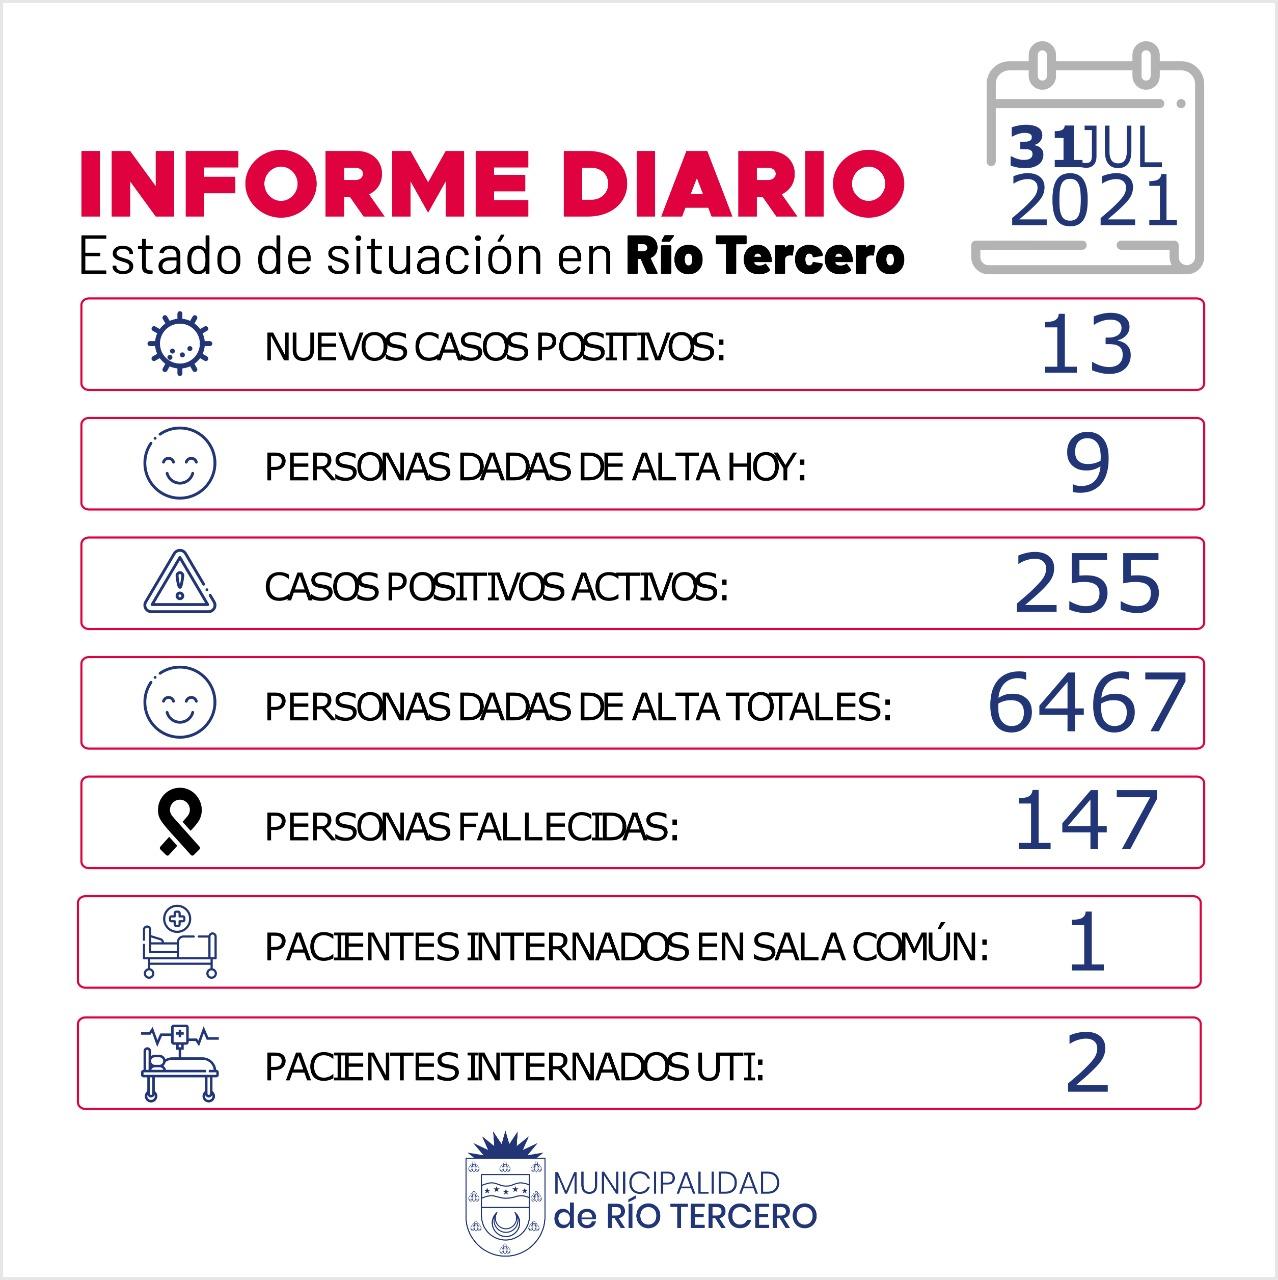 RÍO TERCERO TIENE 255 CASOS ACTIVOS: HOY SE REGISTRARON 13 NUEVOS CASOS